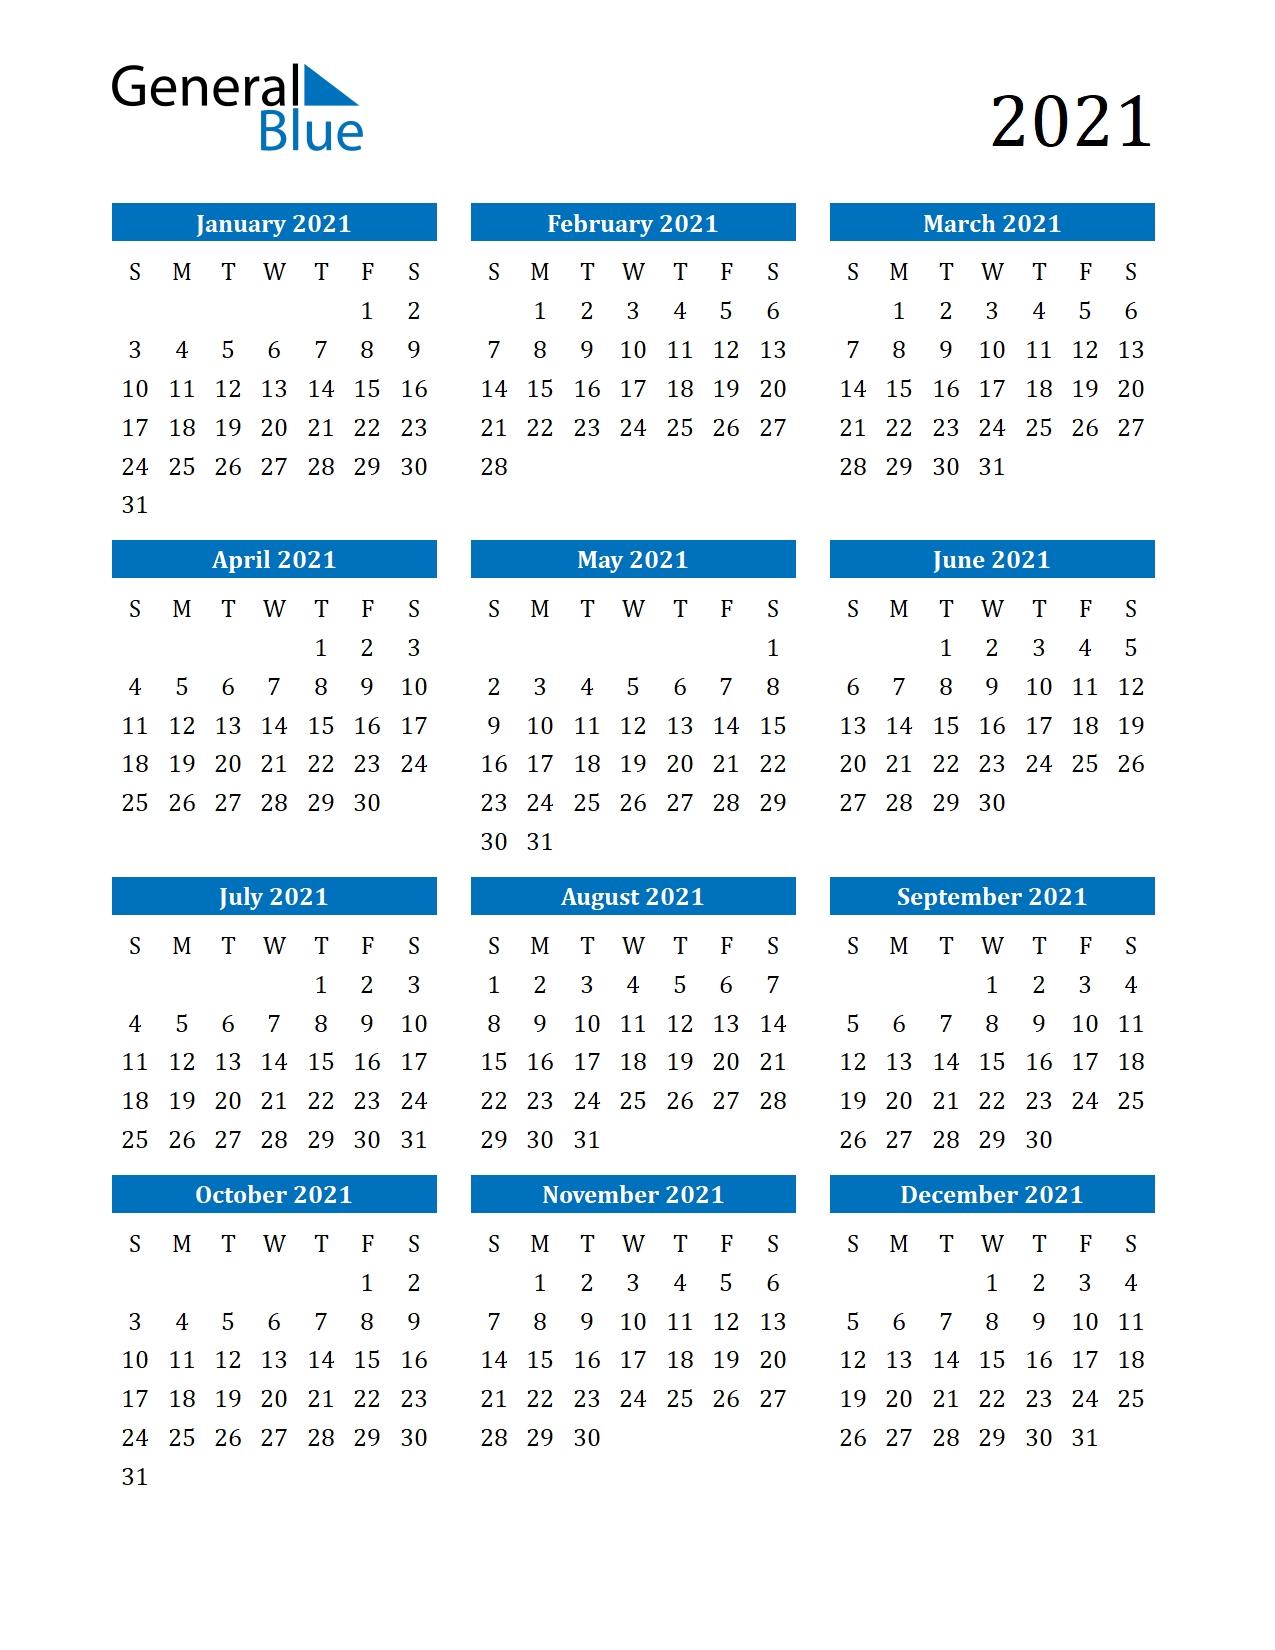 Free Printable Calendar In Pdf, Word And Excel  5 Day Week Printable Calendars 2021